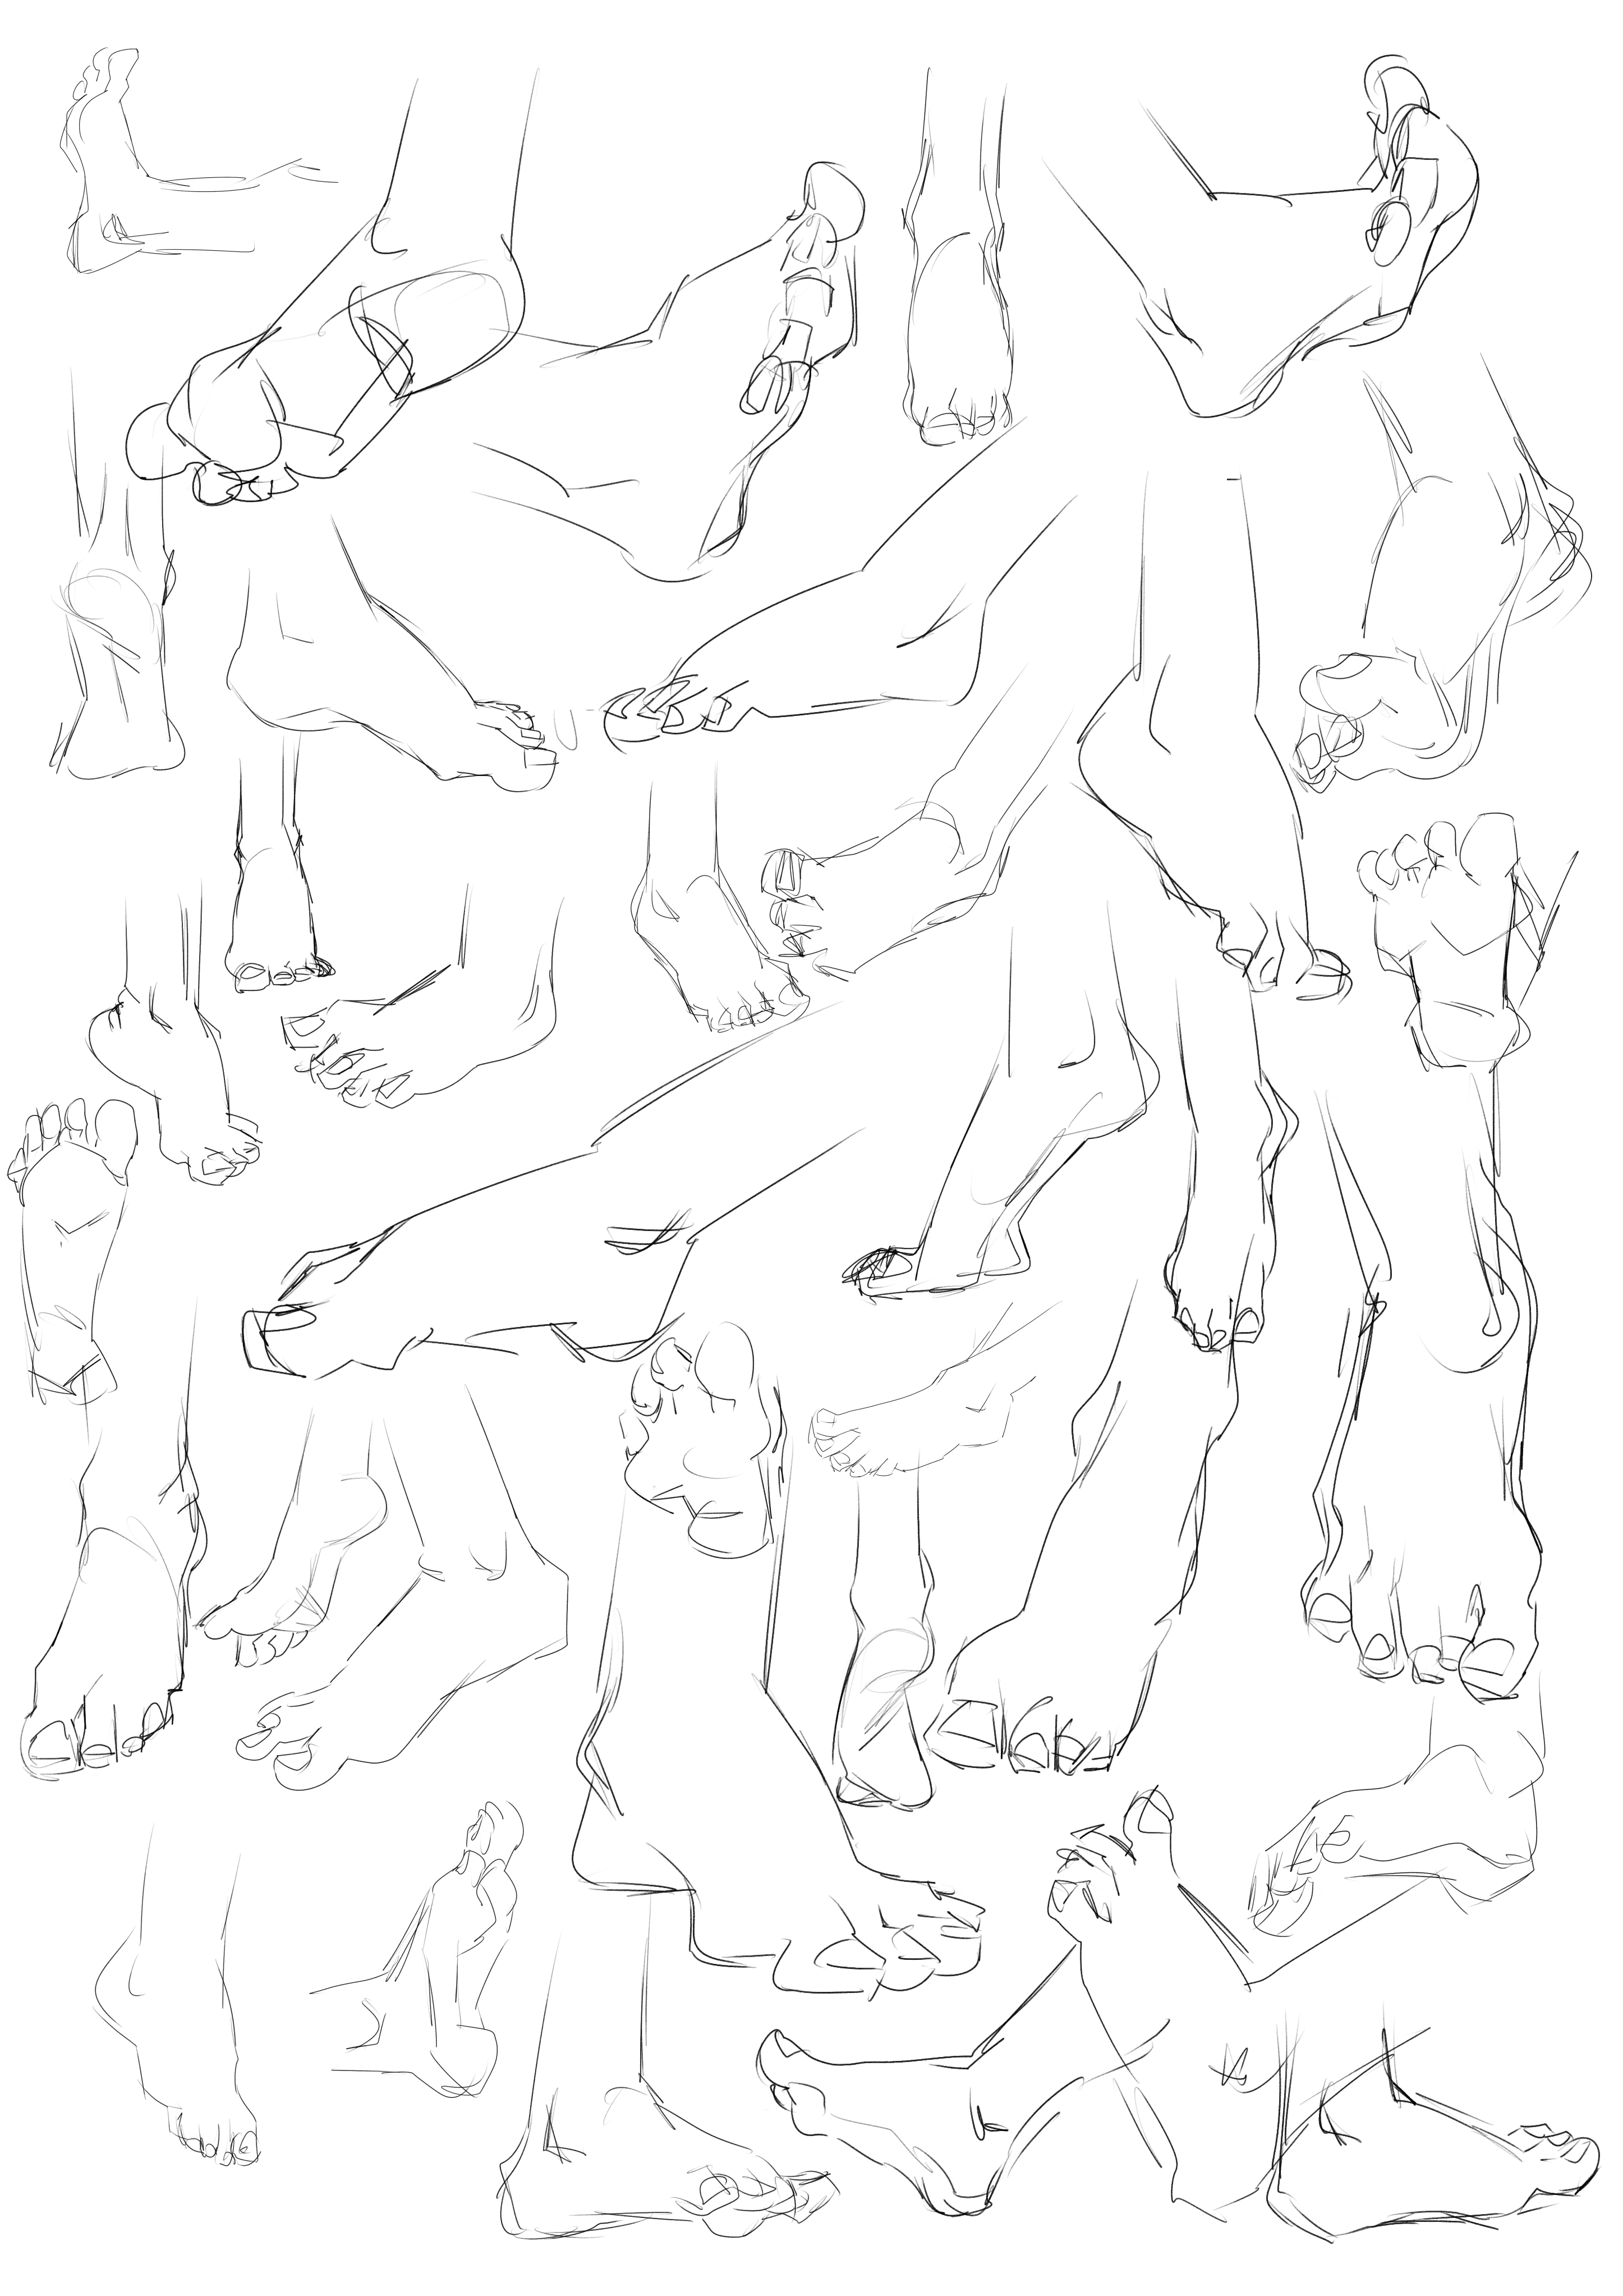 Les croquis de Lama BG - Page 2 Feet_by_lamanon-dcghive